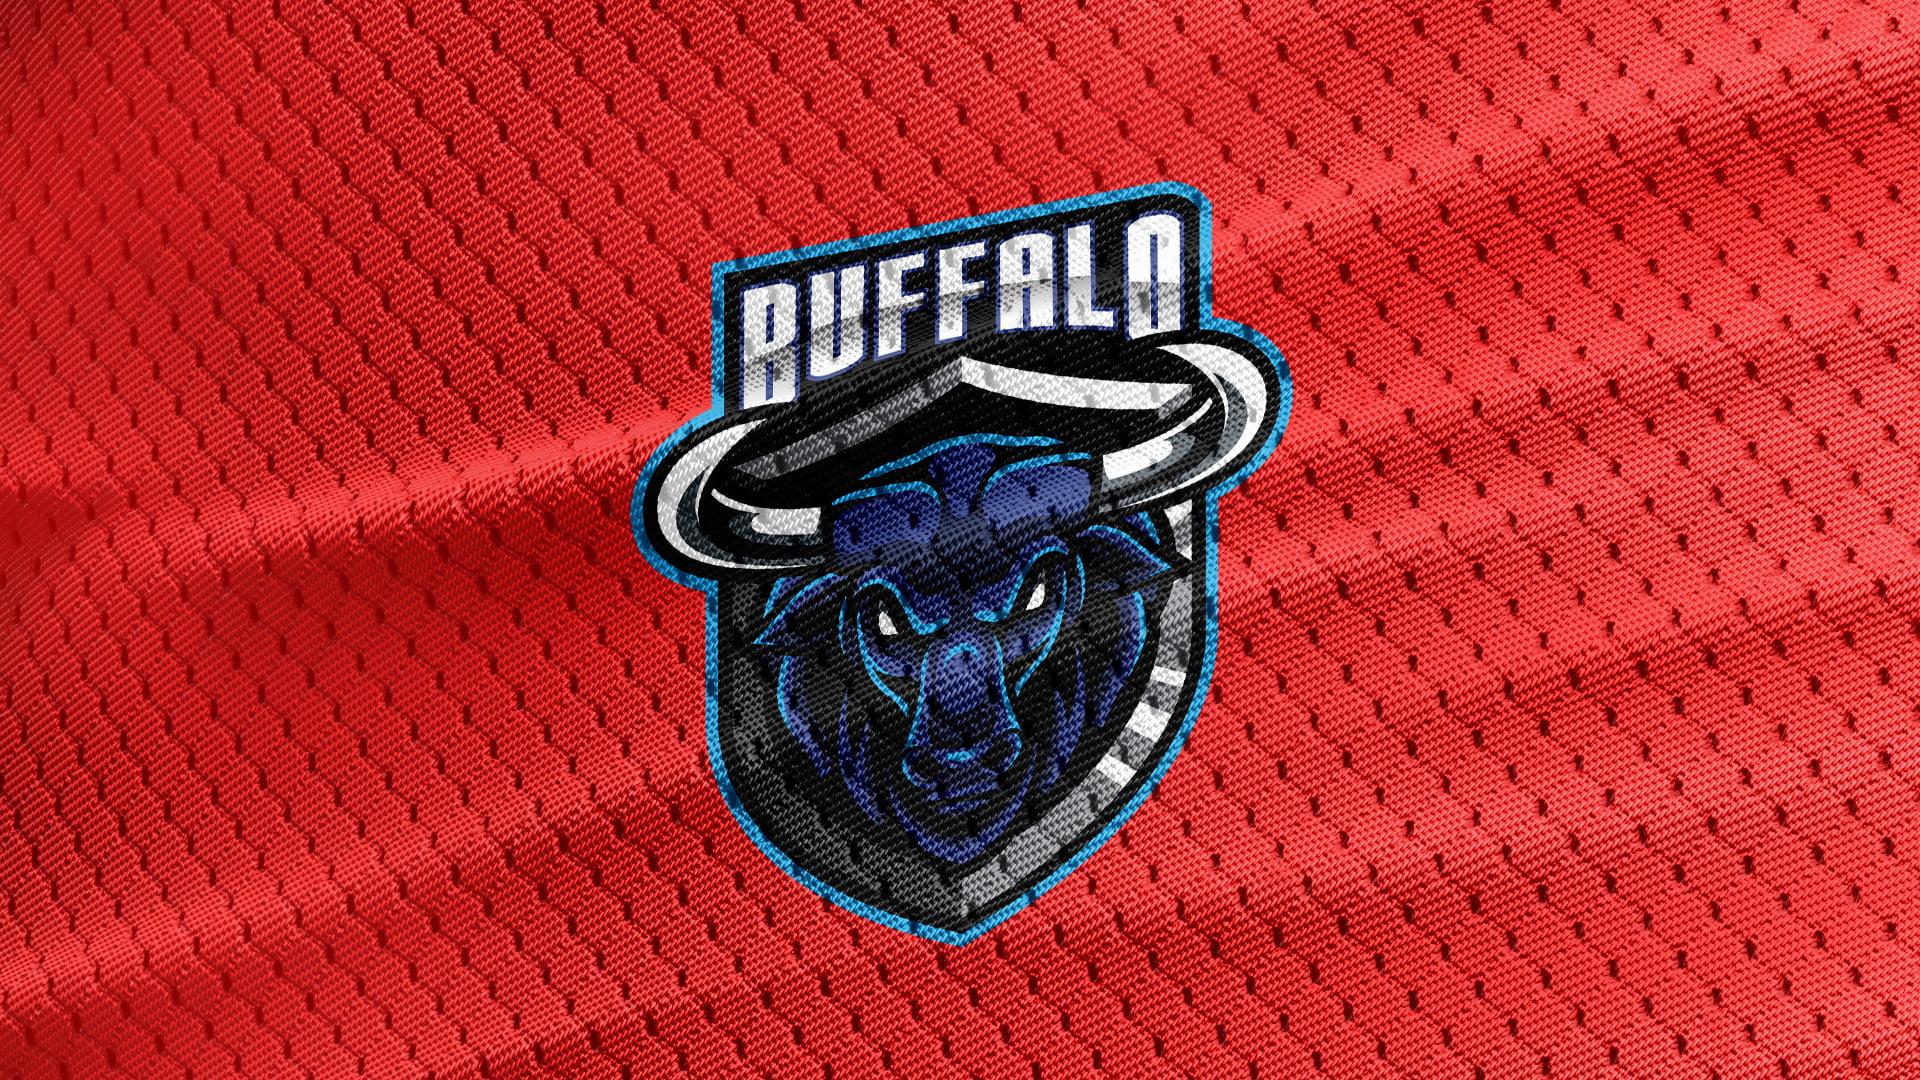 Red-Jersey-Texture-Free-Buffalo-Mascot-Logo